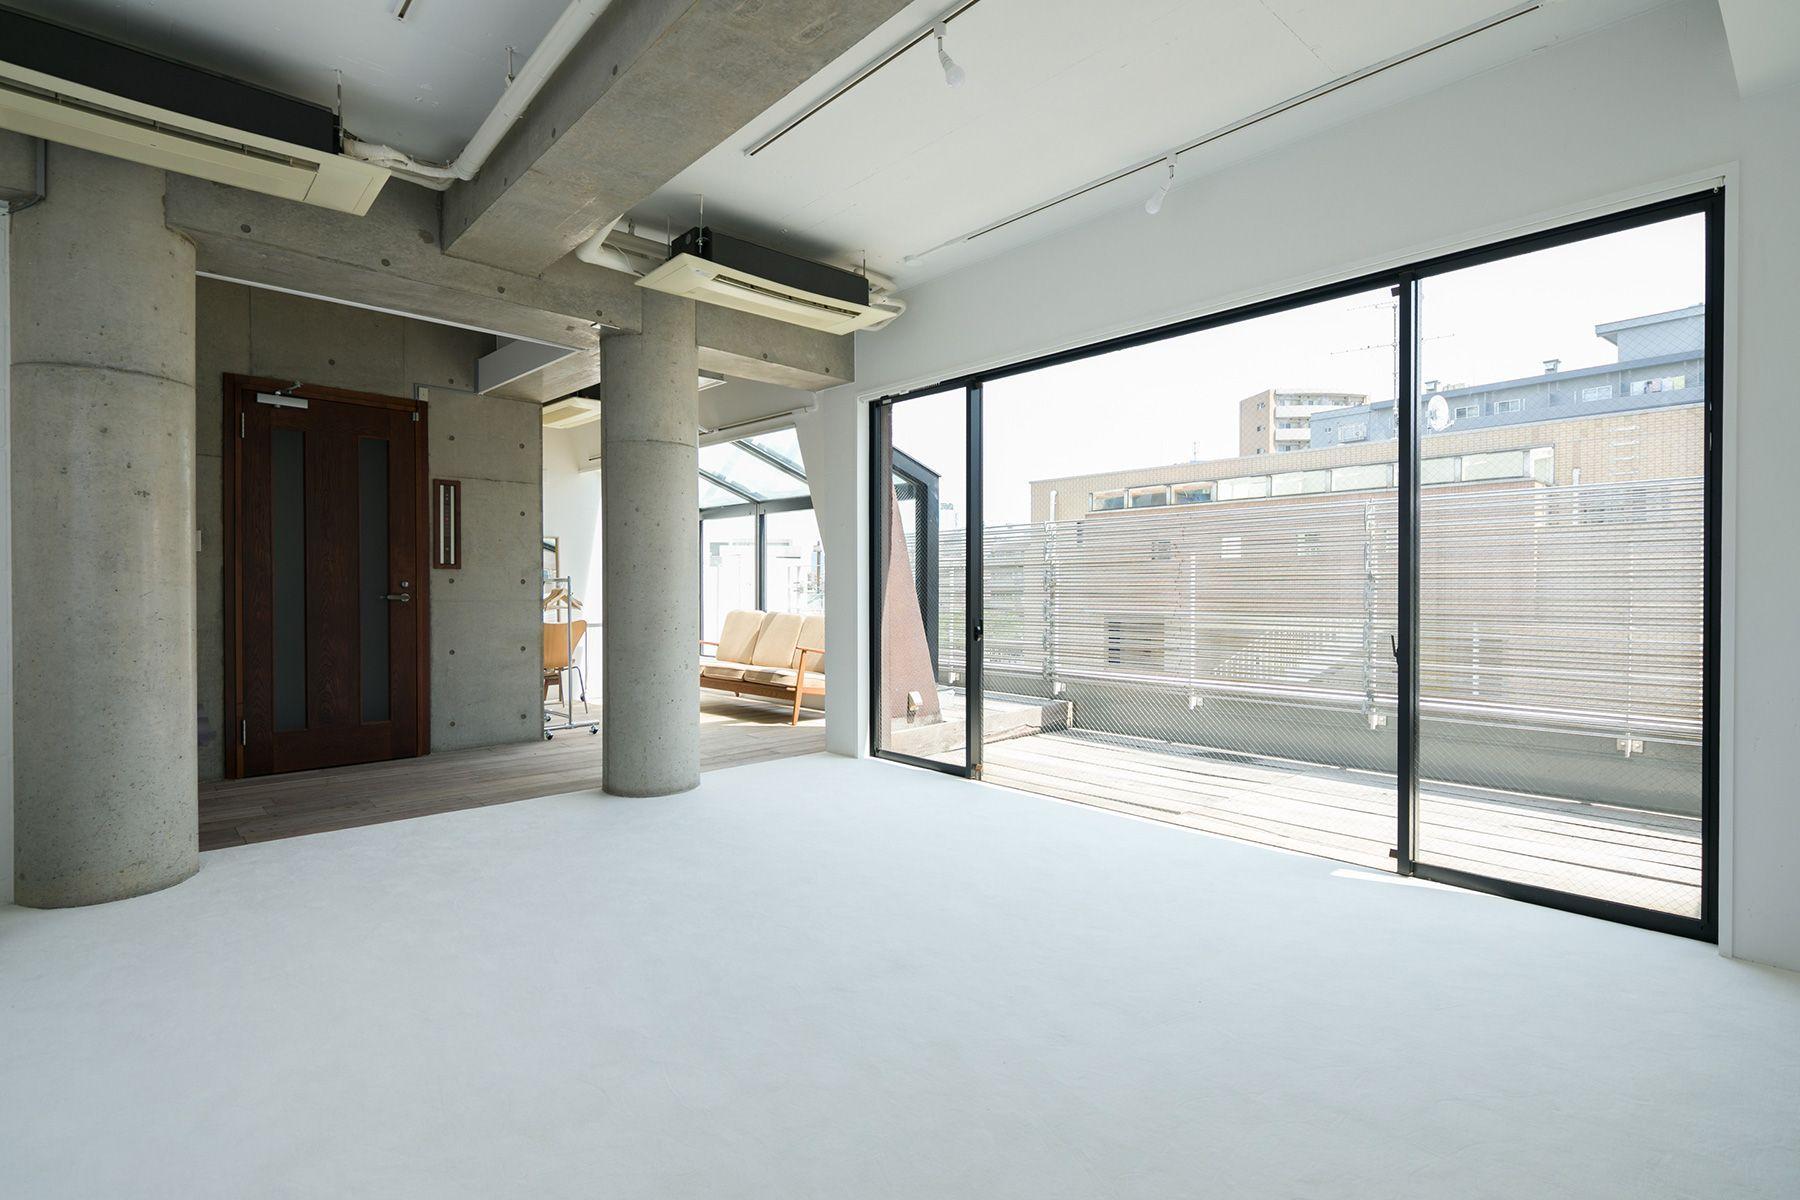 studio Flocke 中目黒4-5F (スタジオ フロック)5F